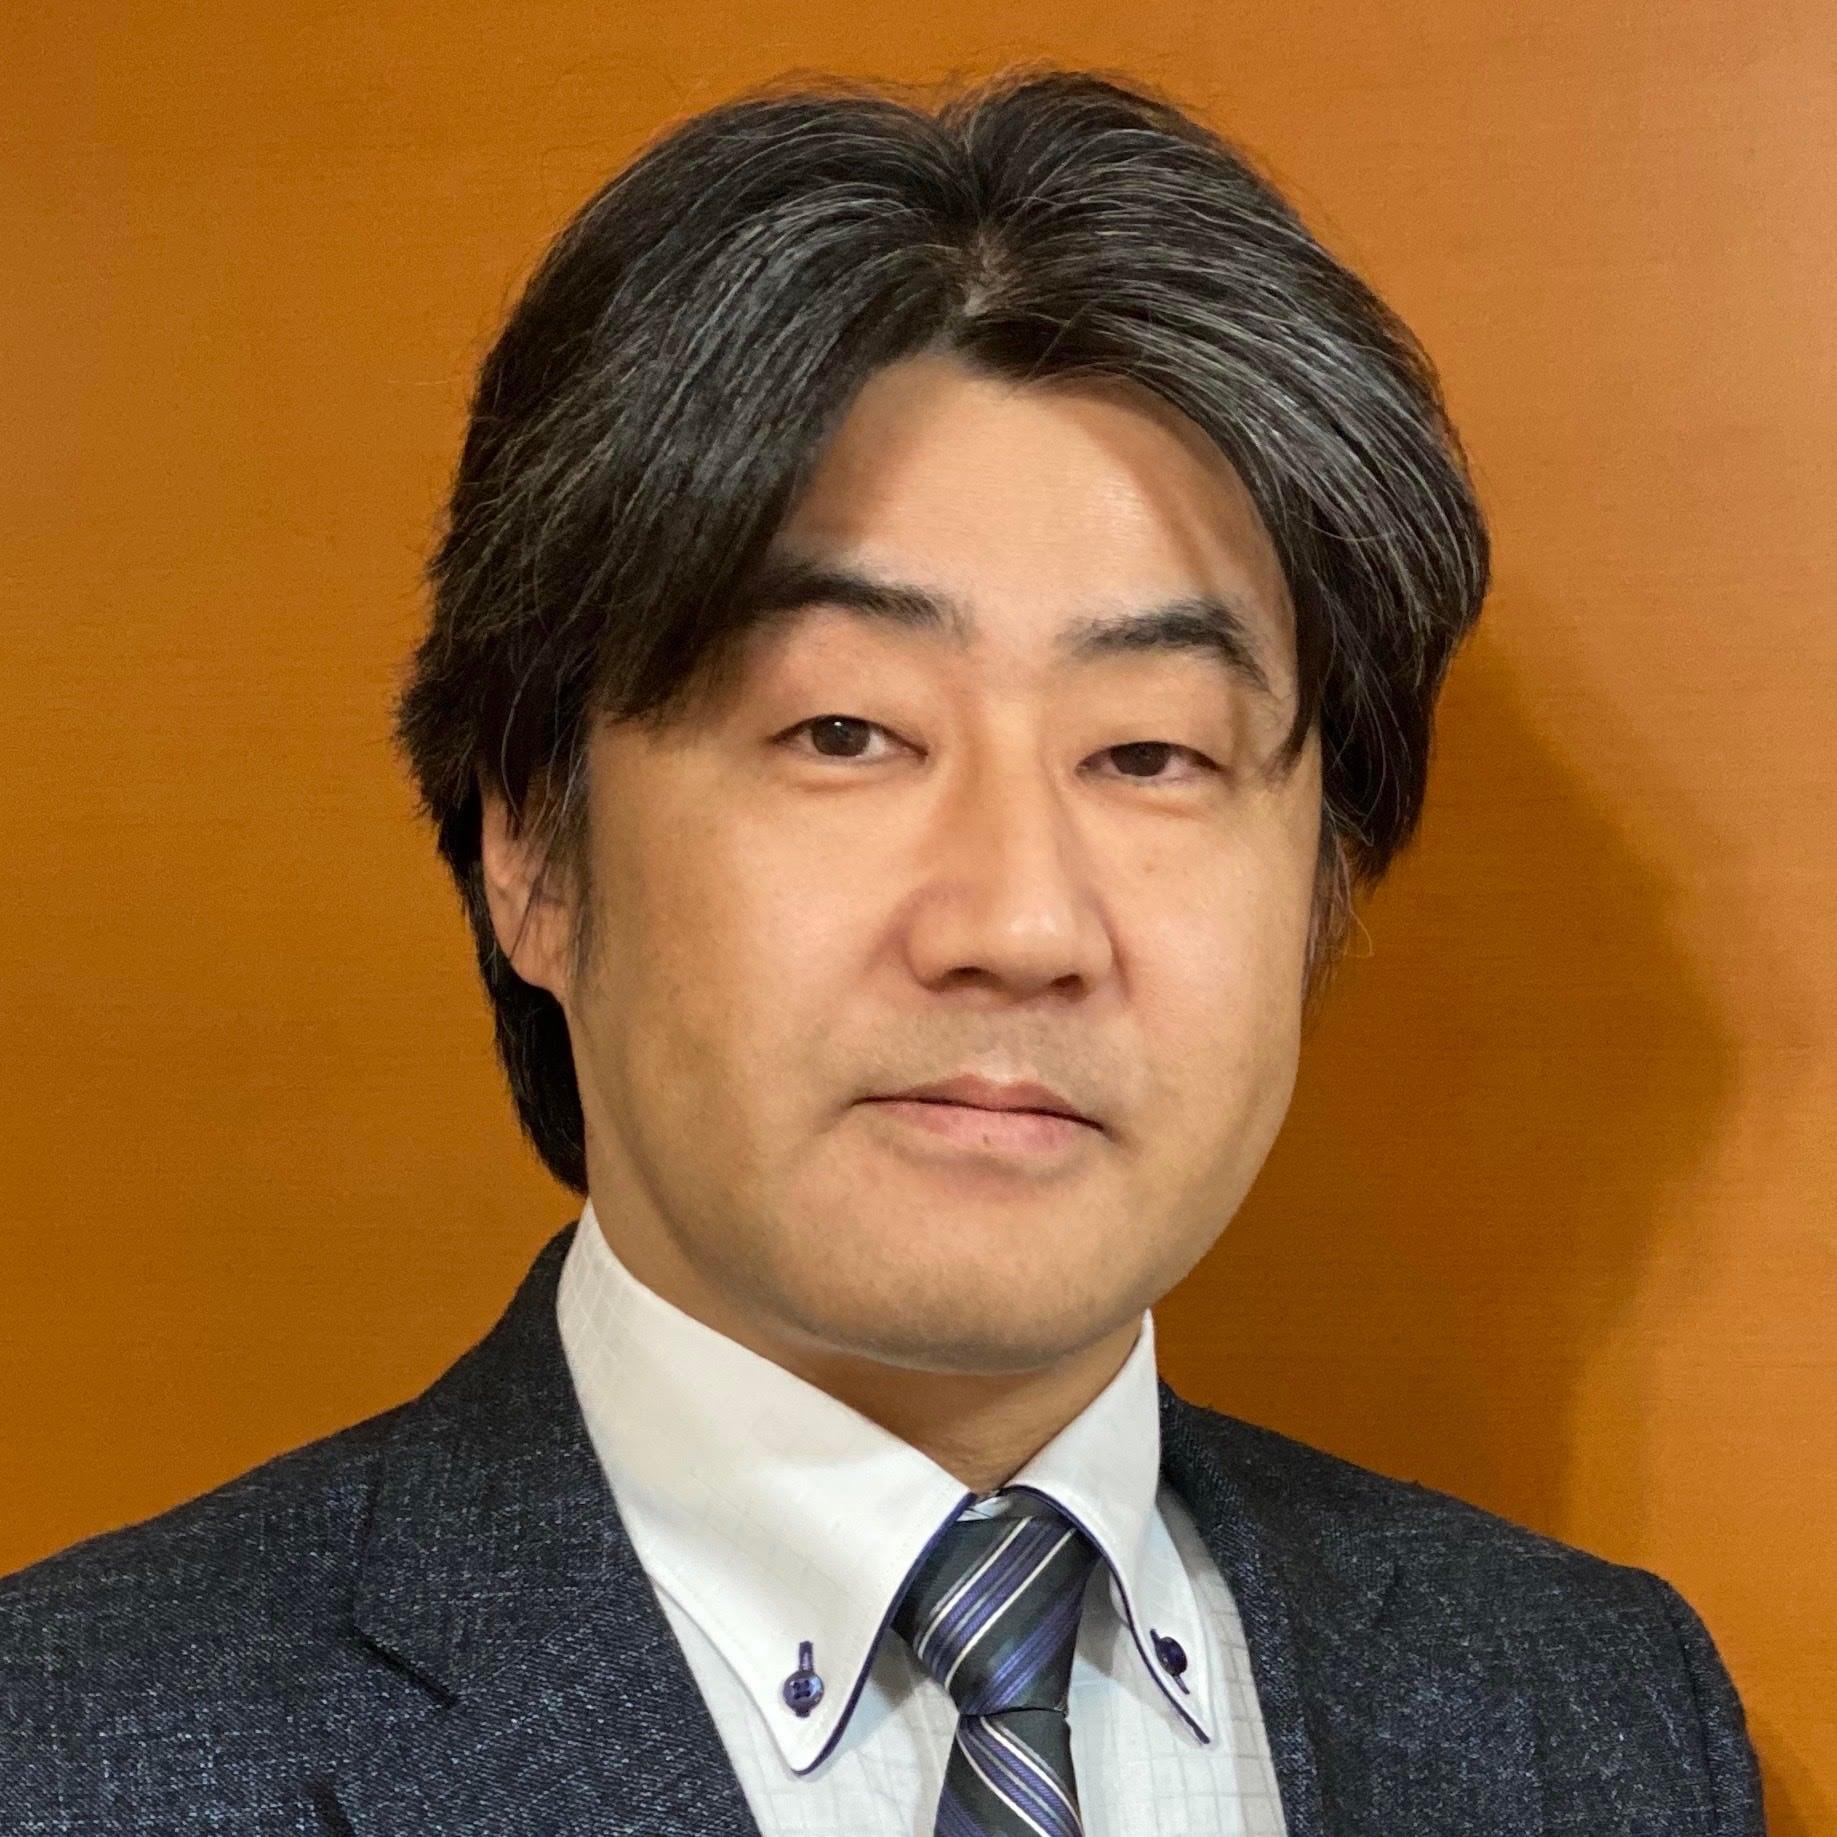 Yoji Kanazumi